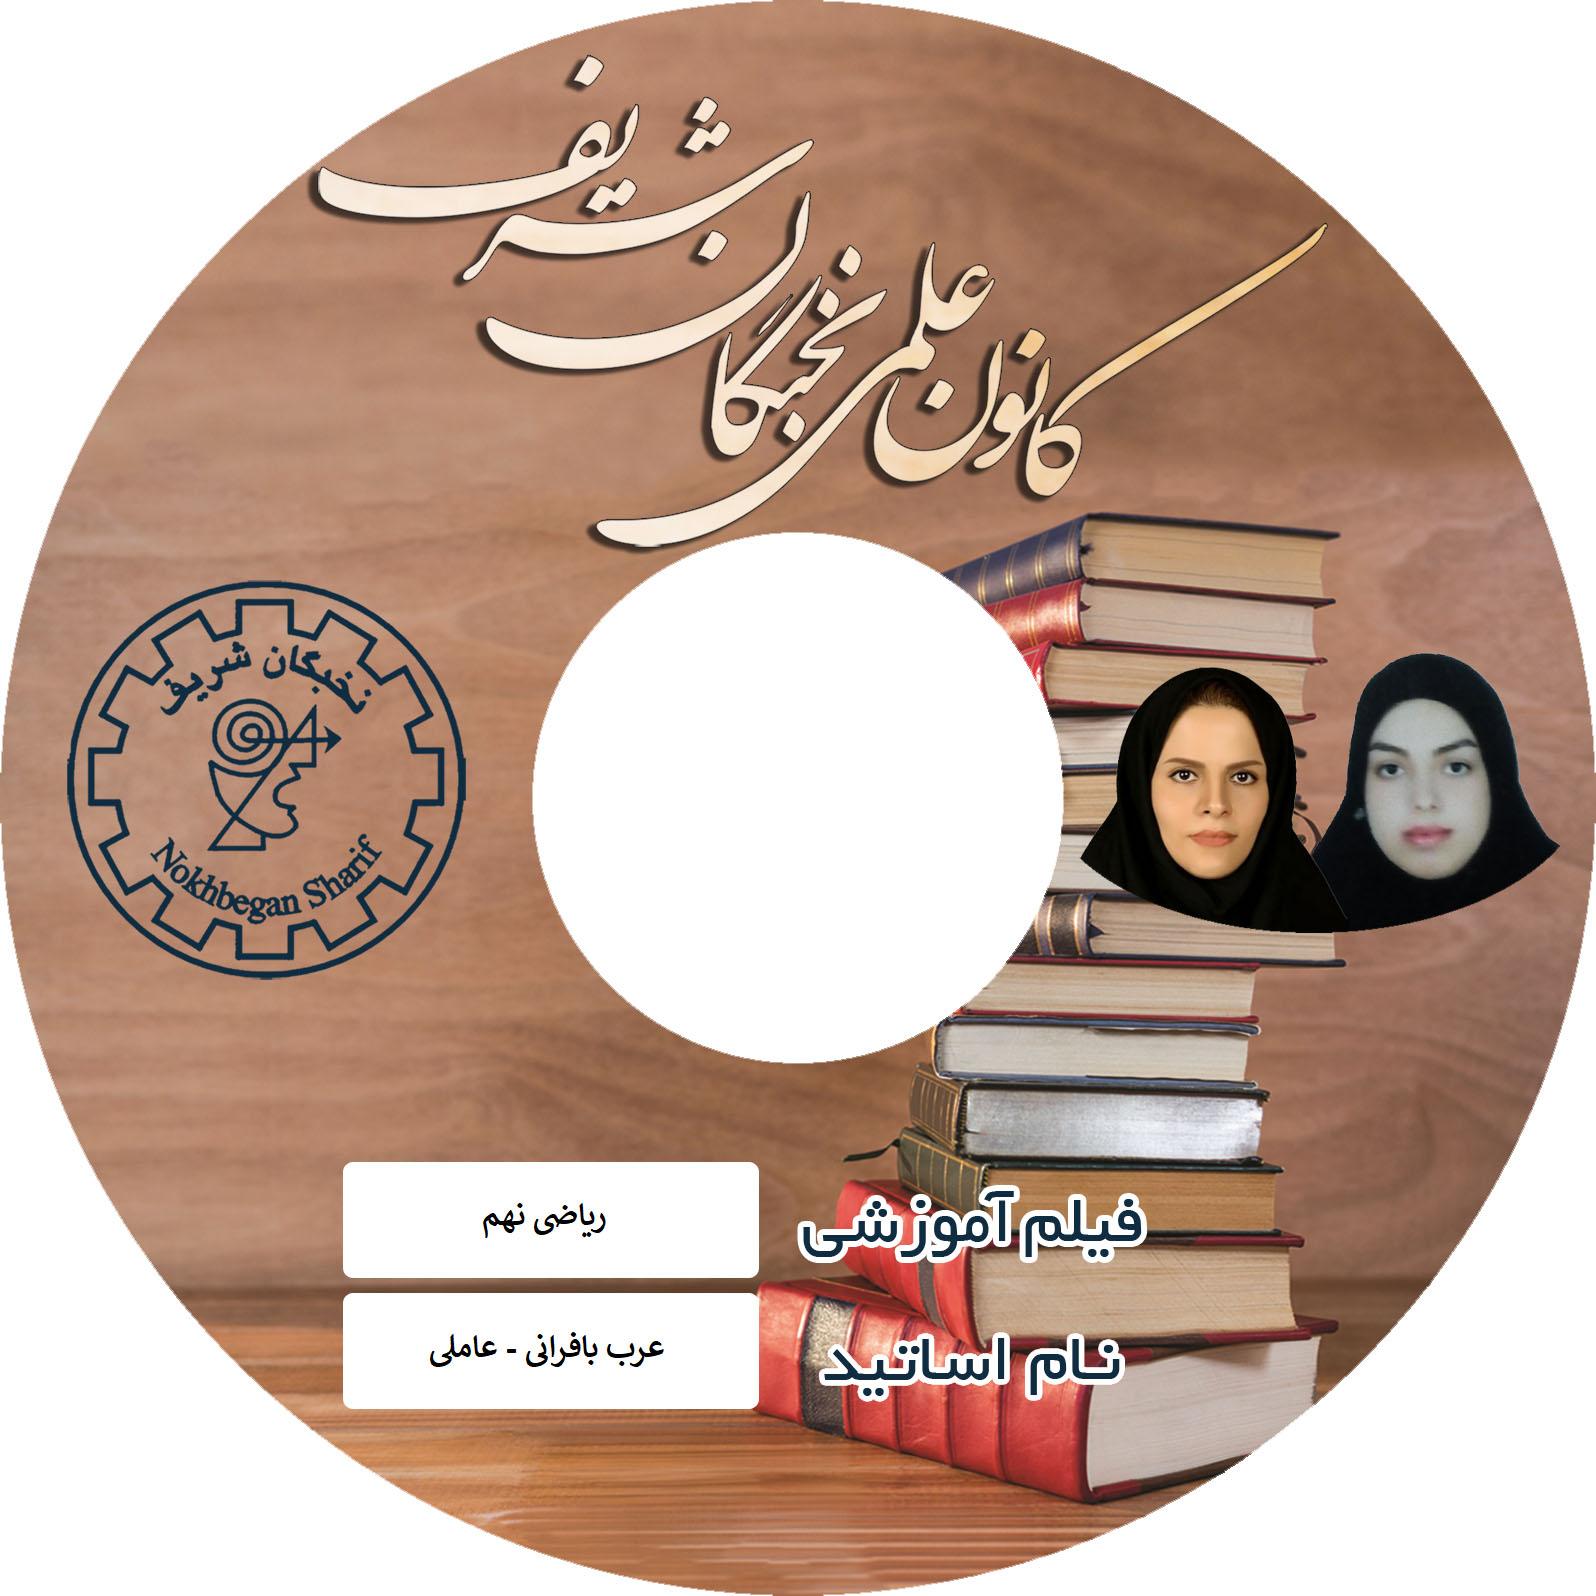 آموزش تصویری ریاضی نهم نشر نخبگان شریف